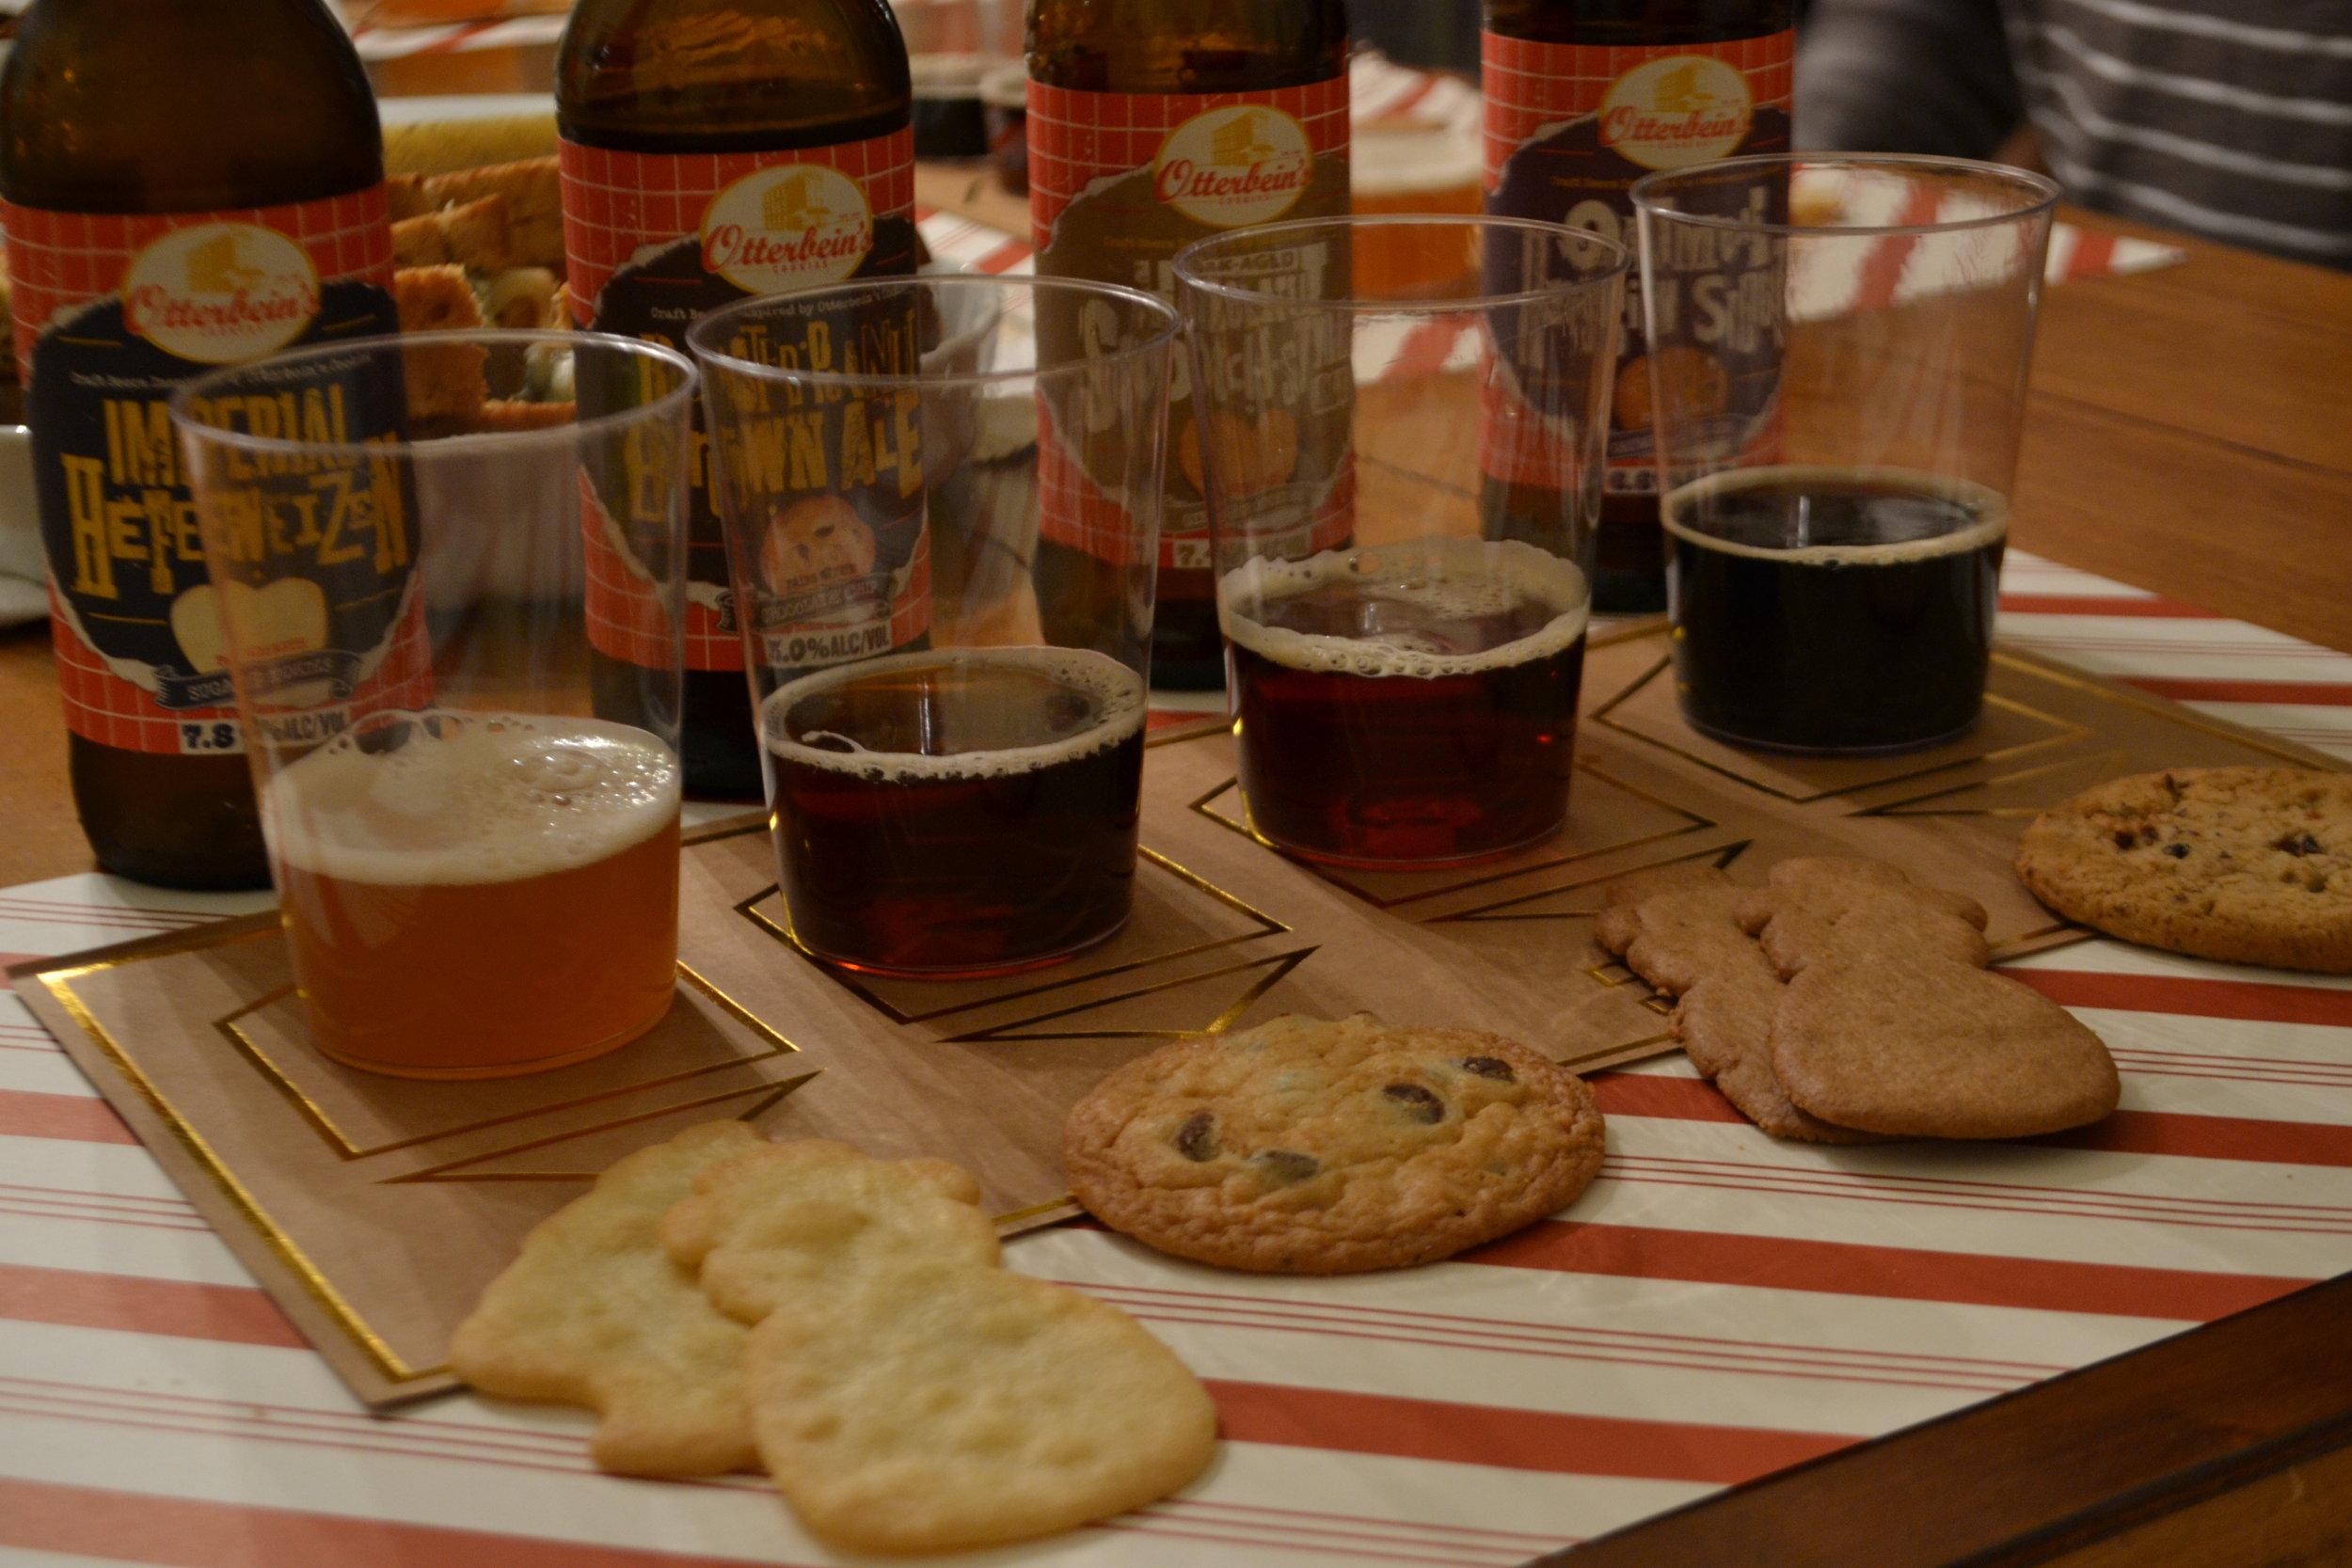 Beer Tasting Set Up 1